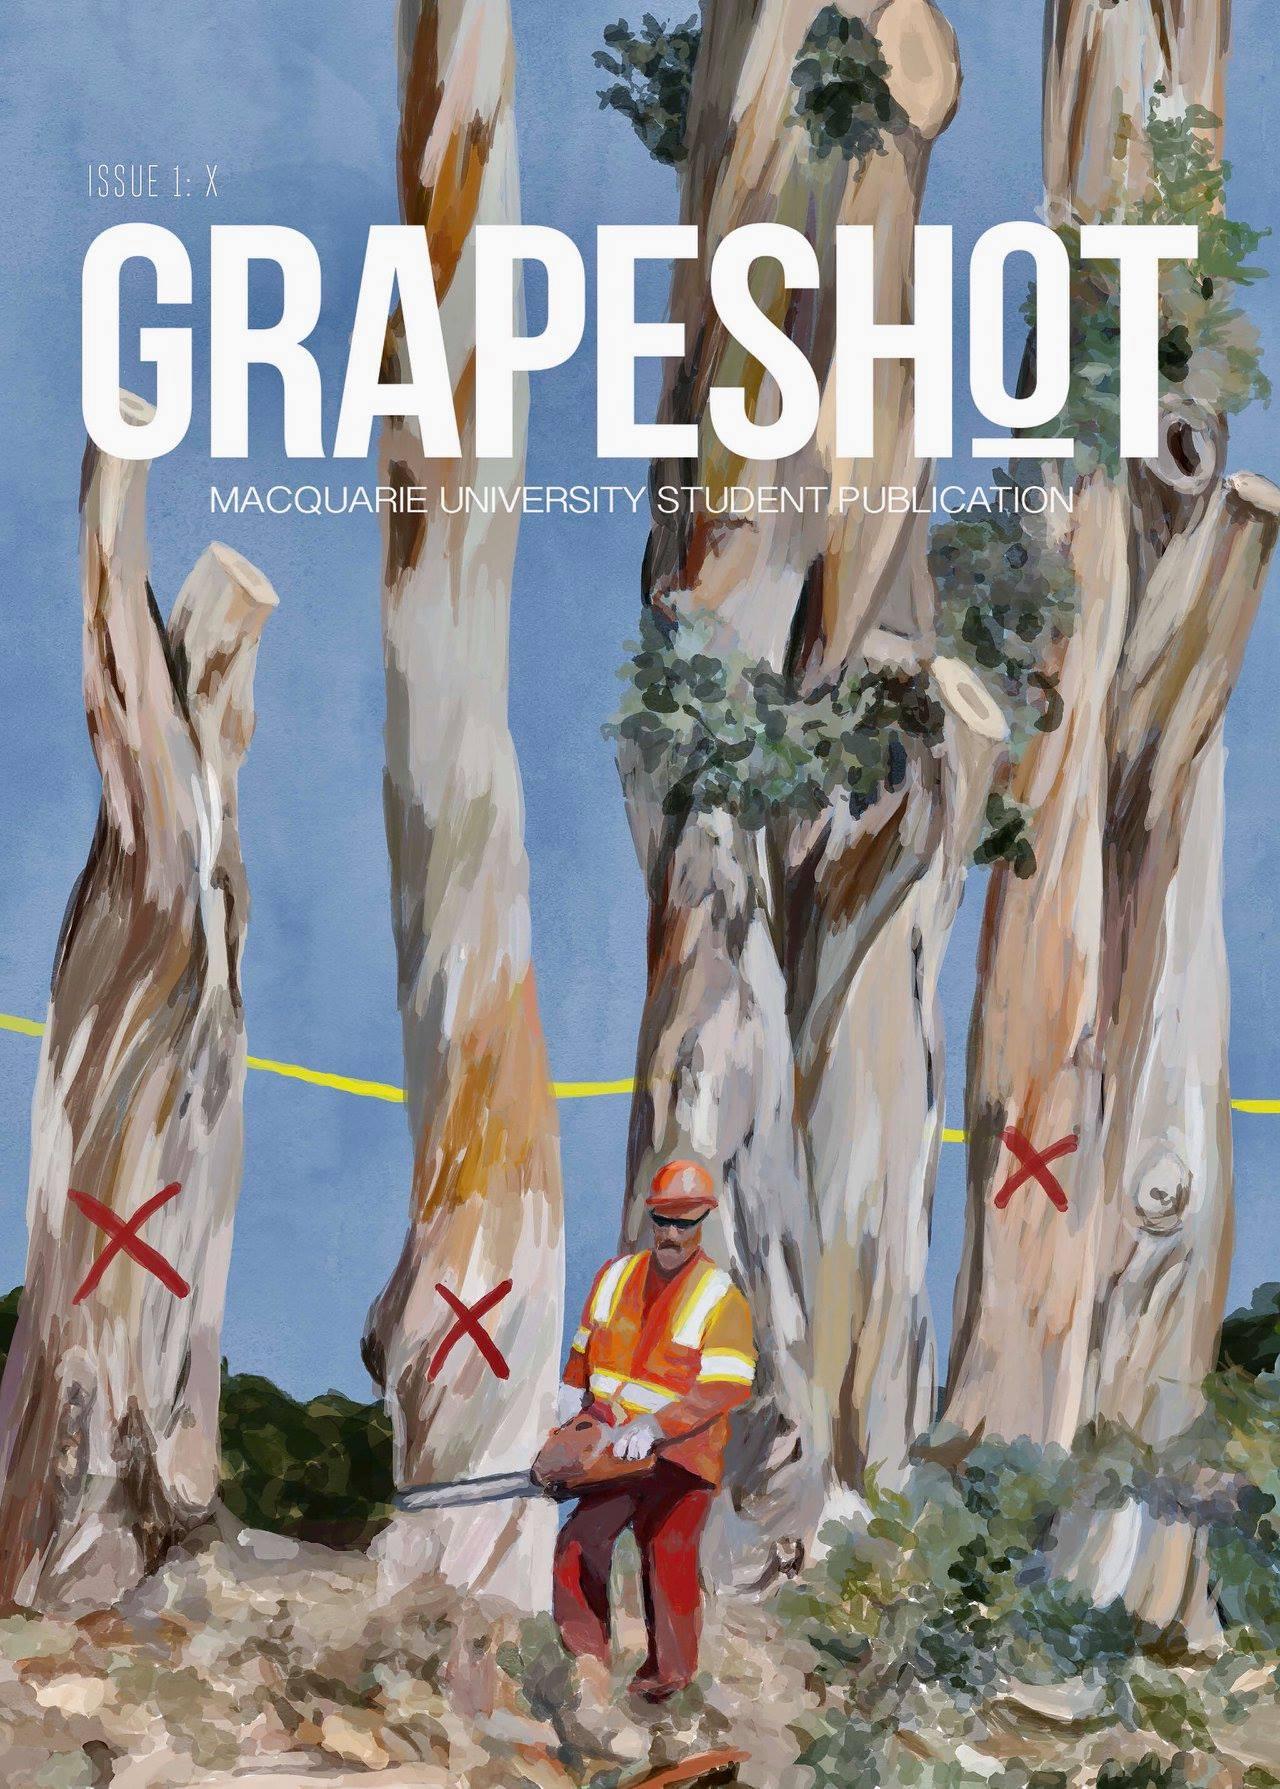 Grapeshot_10_1_X